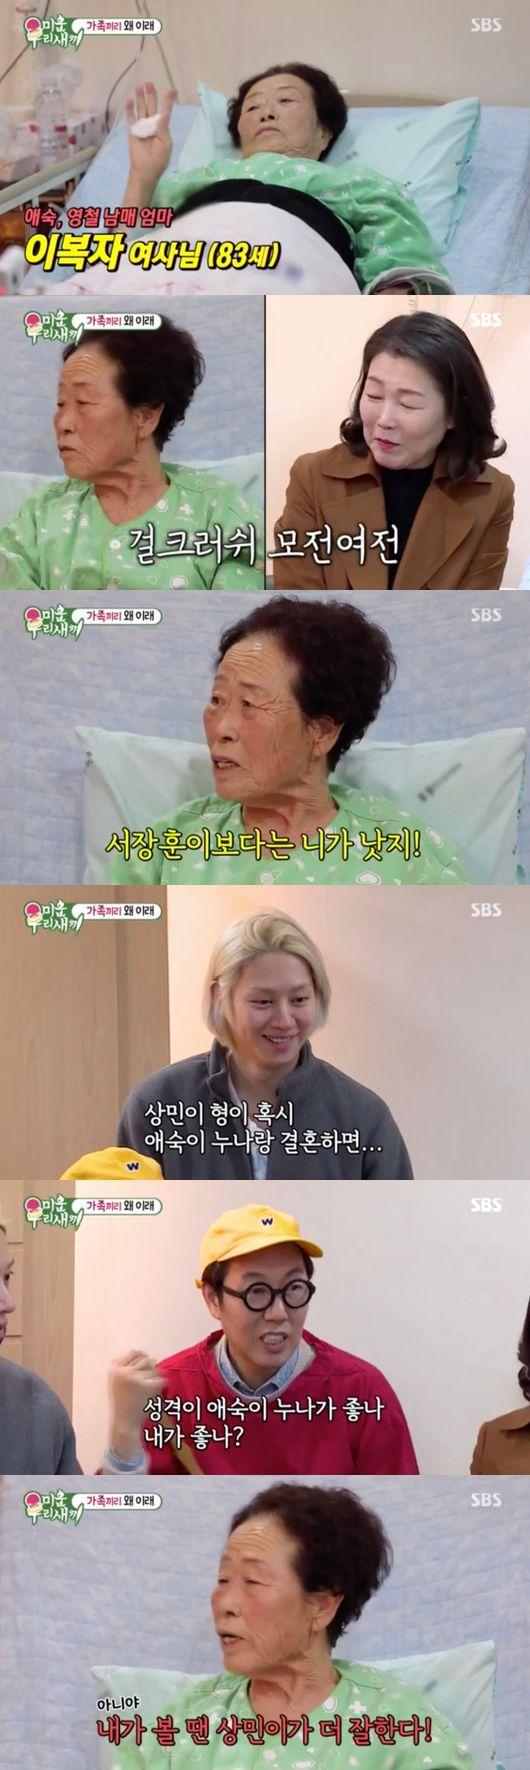 미우새 이상민X탁재훈 우당탕 금연캠프→이성민 딸♥+생활고 눈물 고백 [종합]